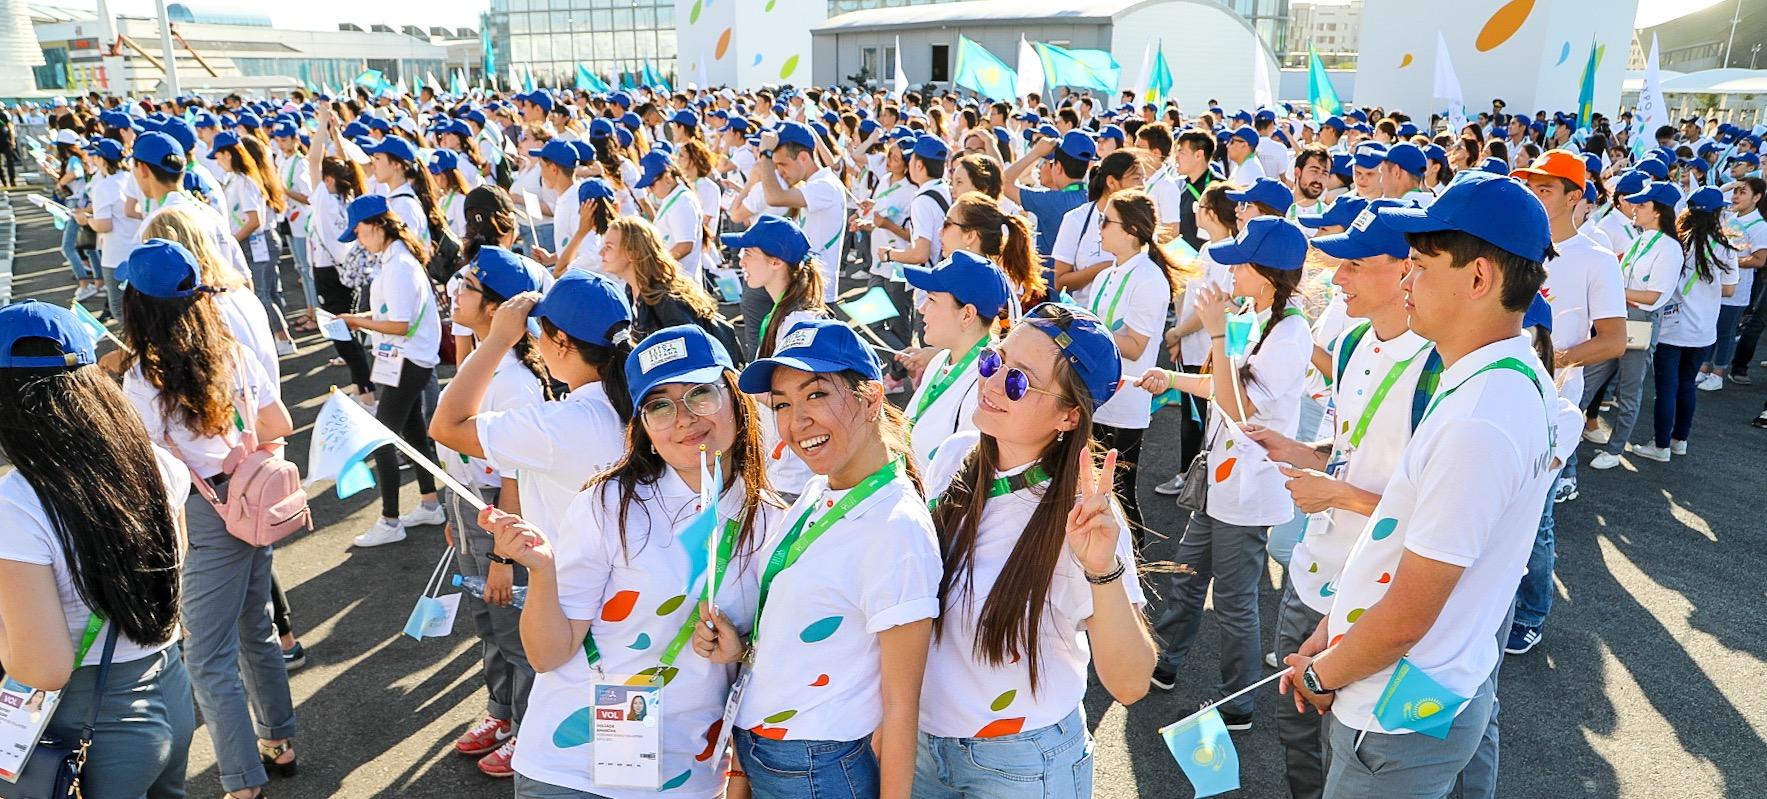 Волонтерская онлайн-платформа создана в Казахстане